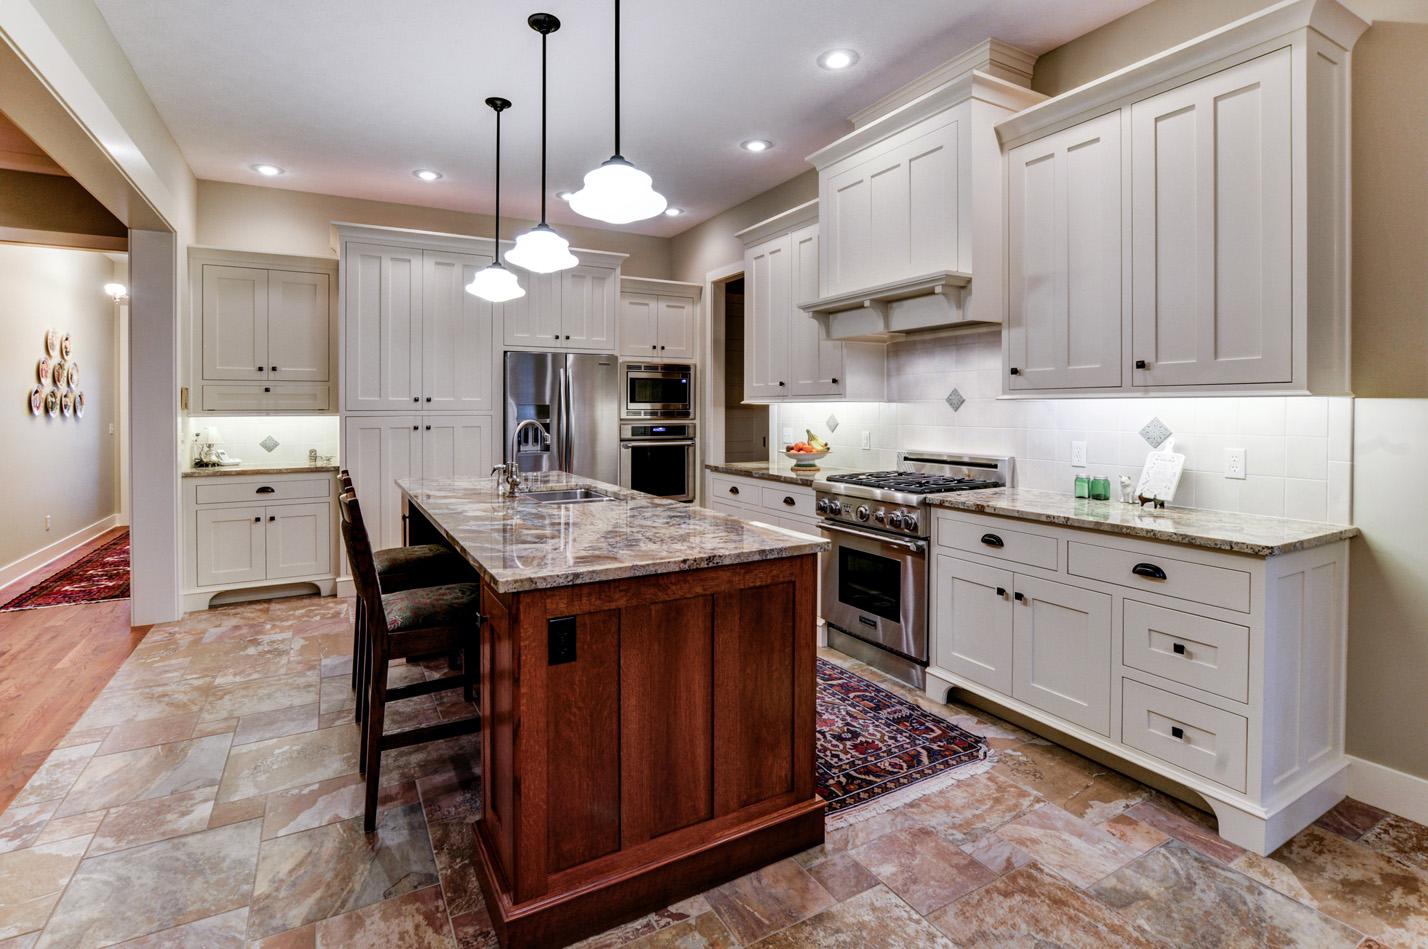 built-by-brett-custom-home-builders-springfield-mo-stonegate-court-014.jpg